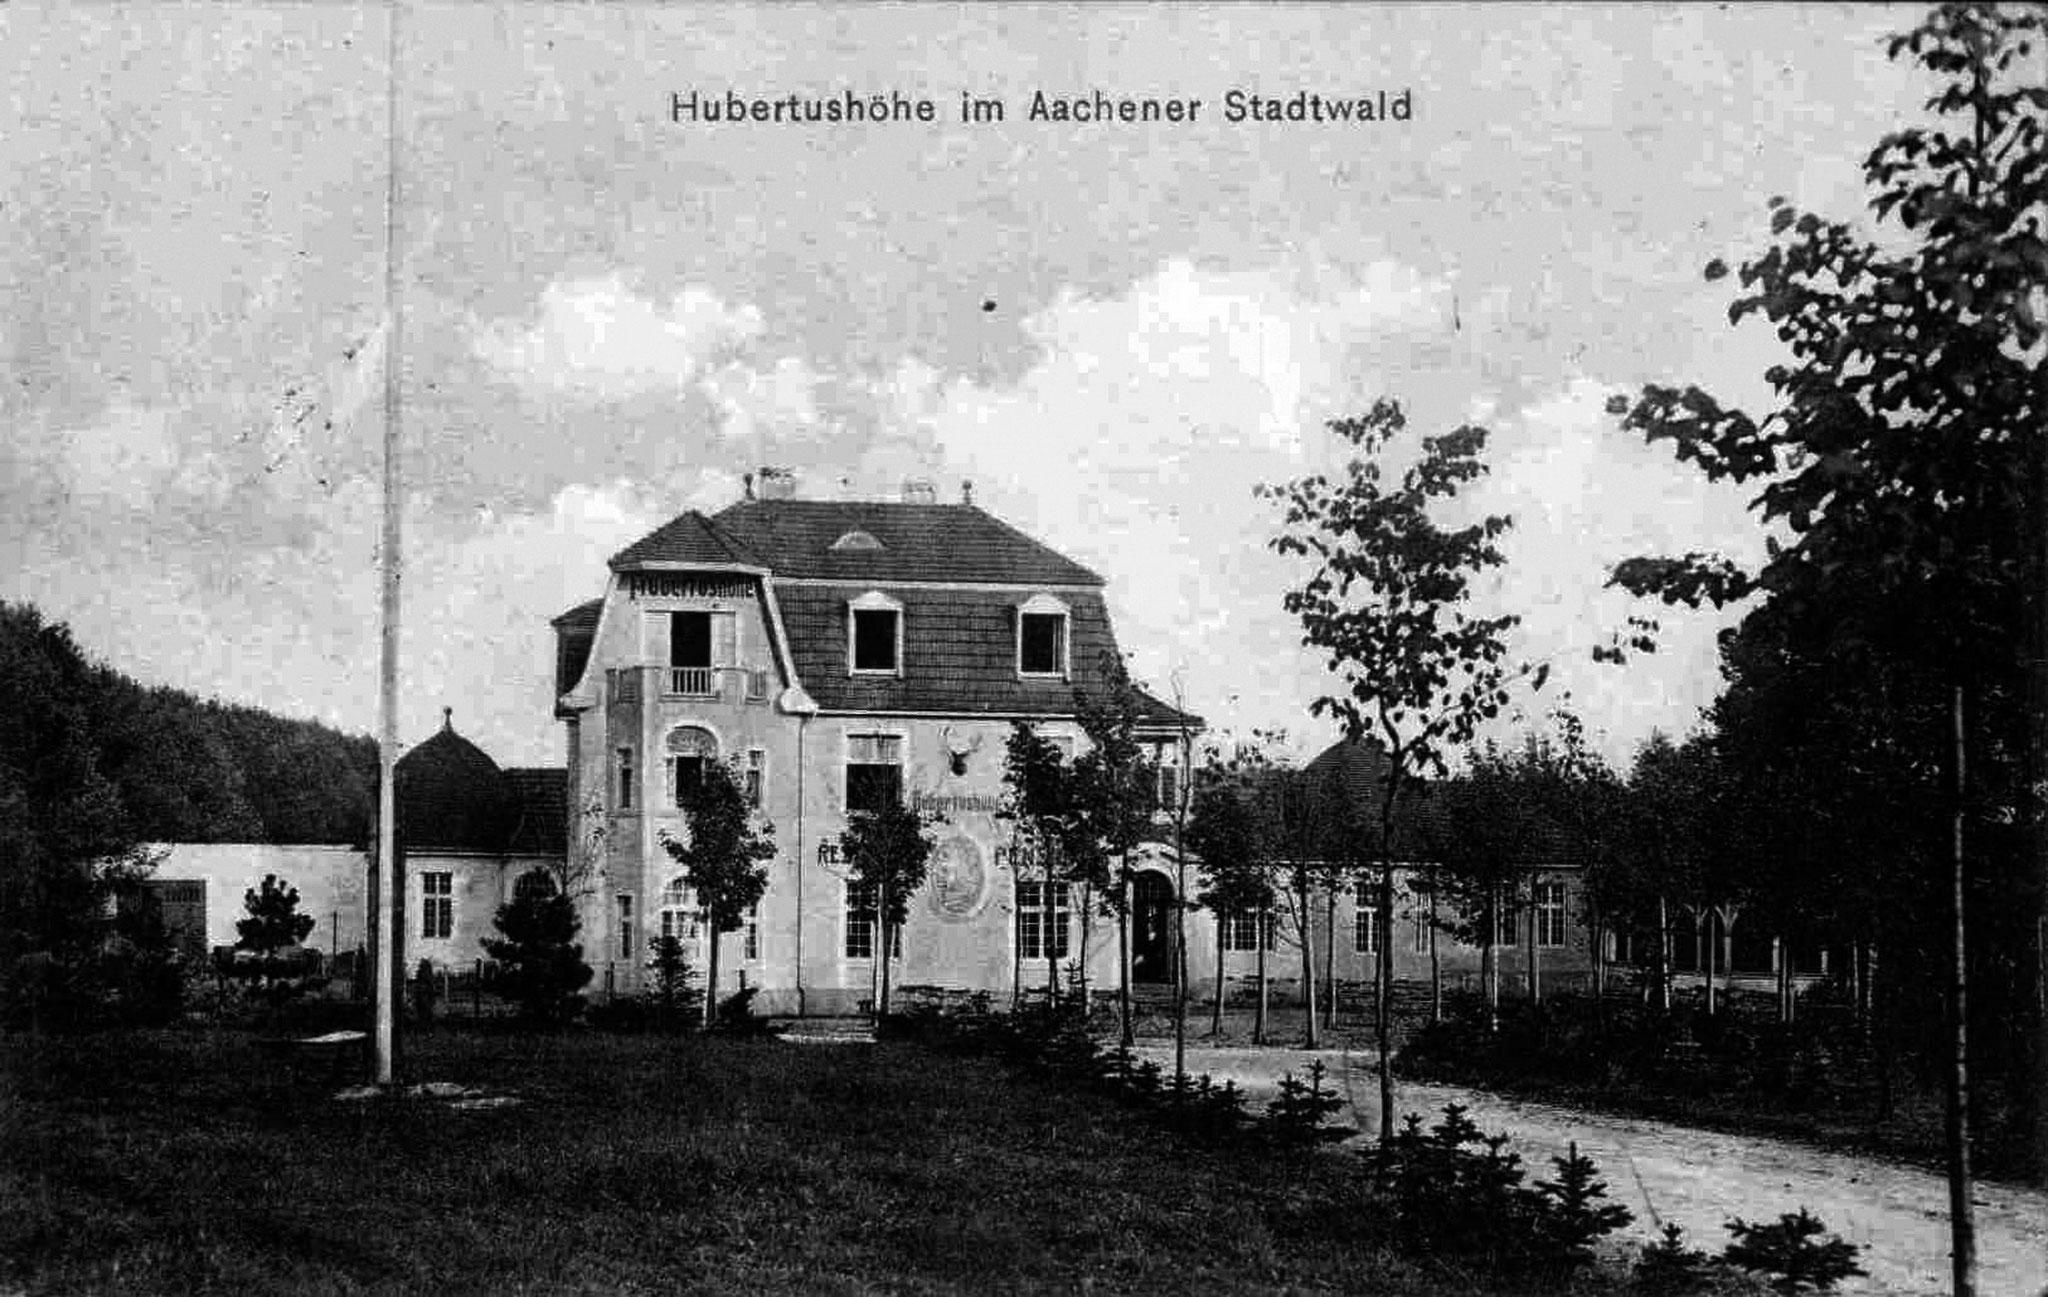 Hubertushöhe - Aachener Busch